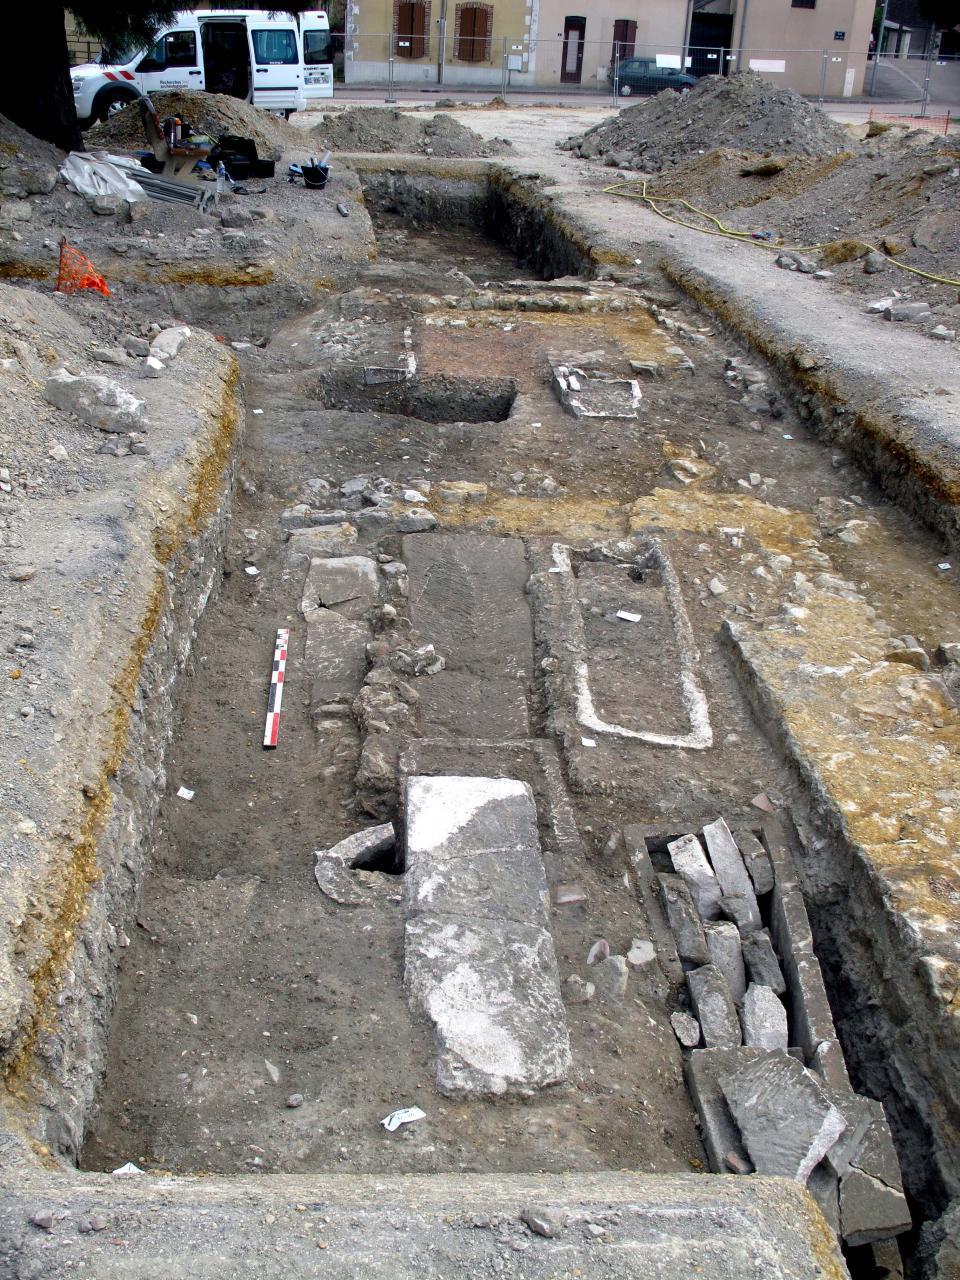 Vue des murs de la basilique et des sarcophages disposés à l'intérieur et à l'extérieur